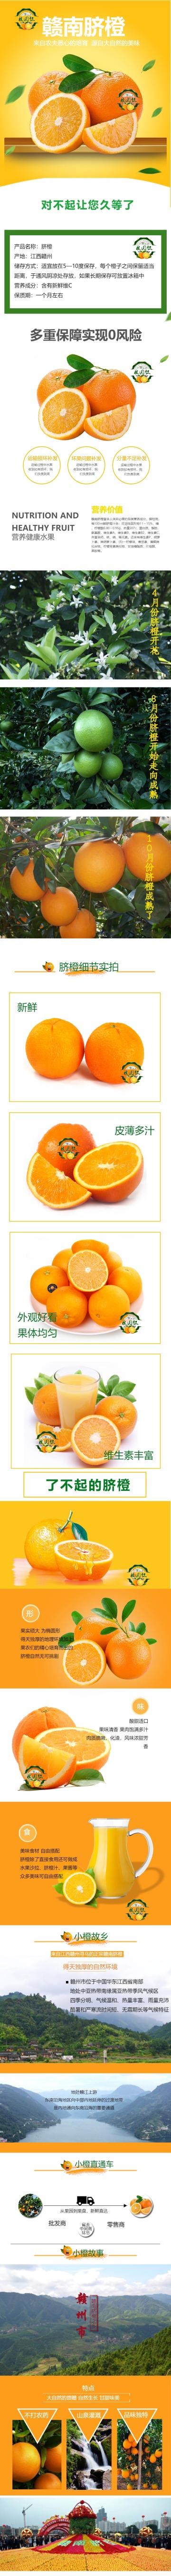 清新简约百货零售生鲜水果脐橙促销电商详情页